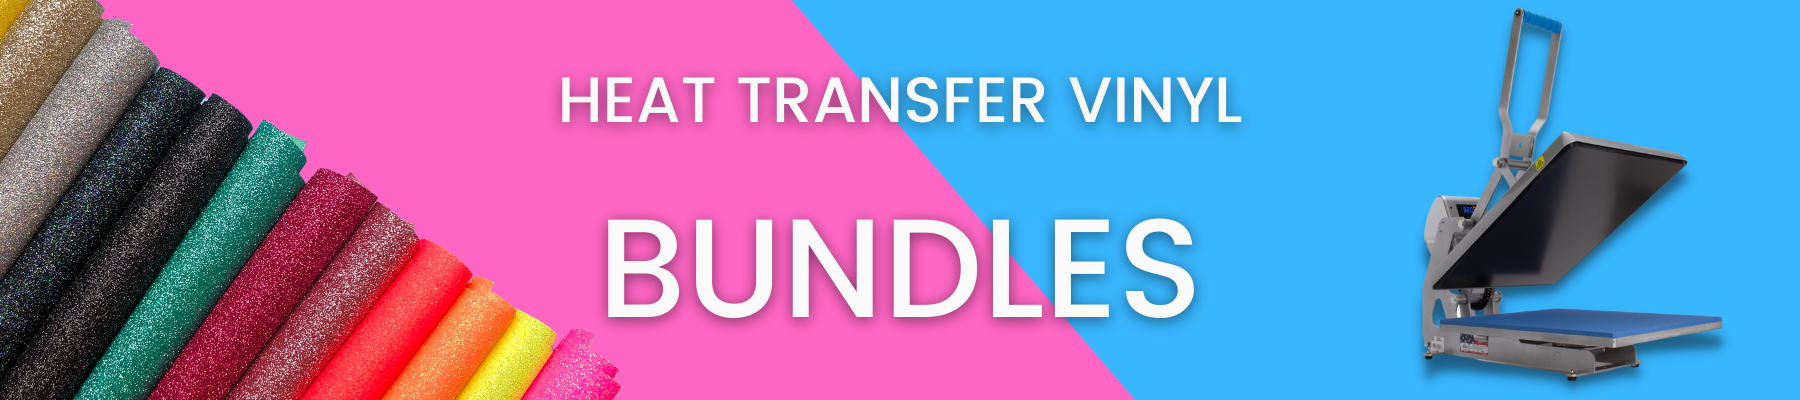 Heat Transfer Vinyl Bundles